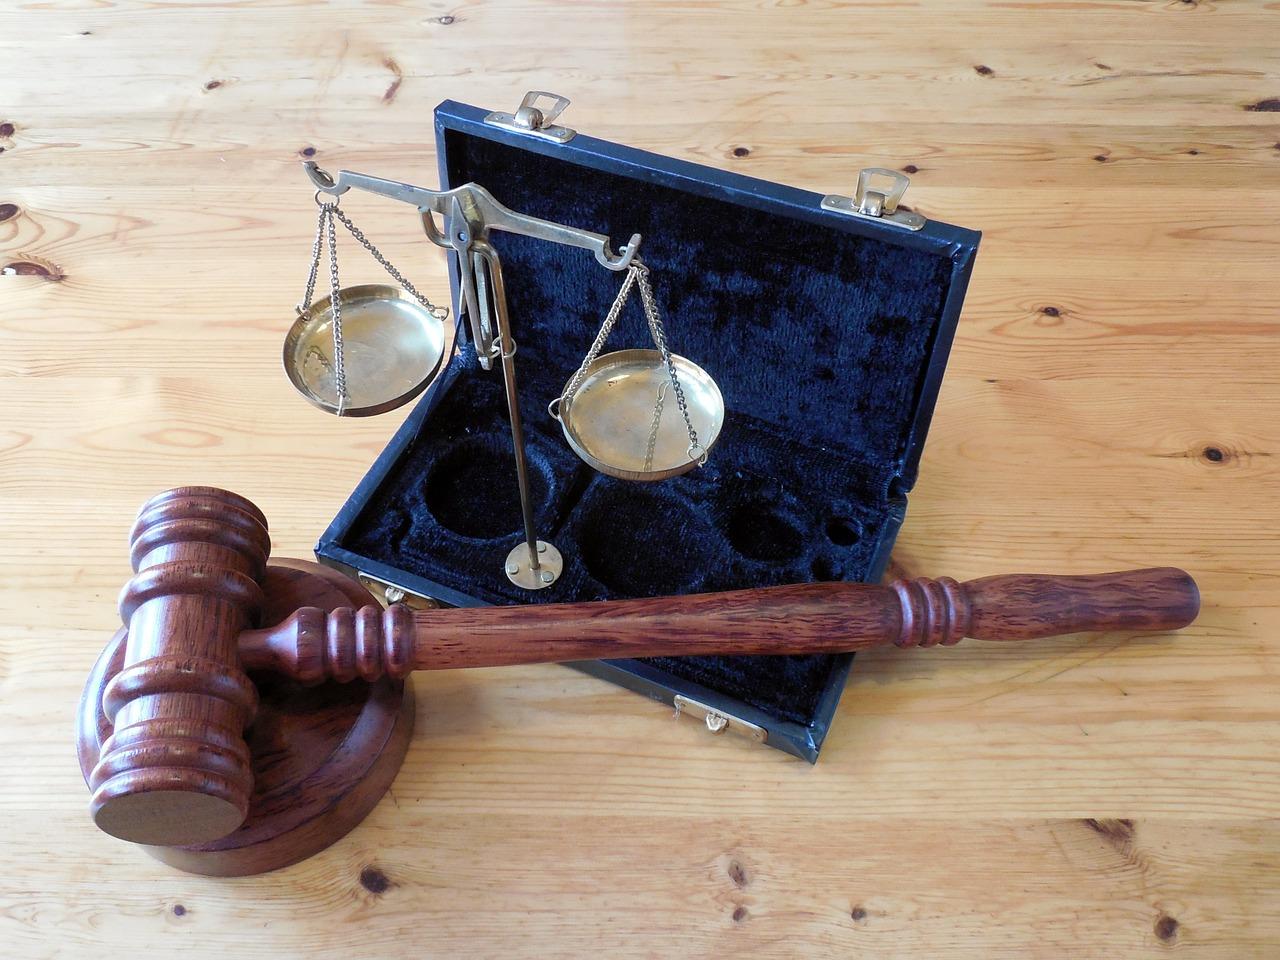 As Novas Obrigações e Responsabilidades da Administração Pública pelo novo Código do Procedimento Administrativo